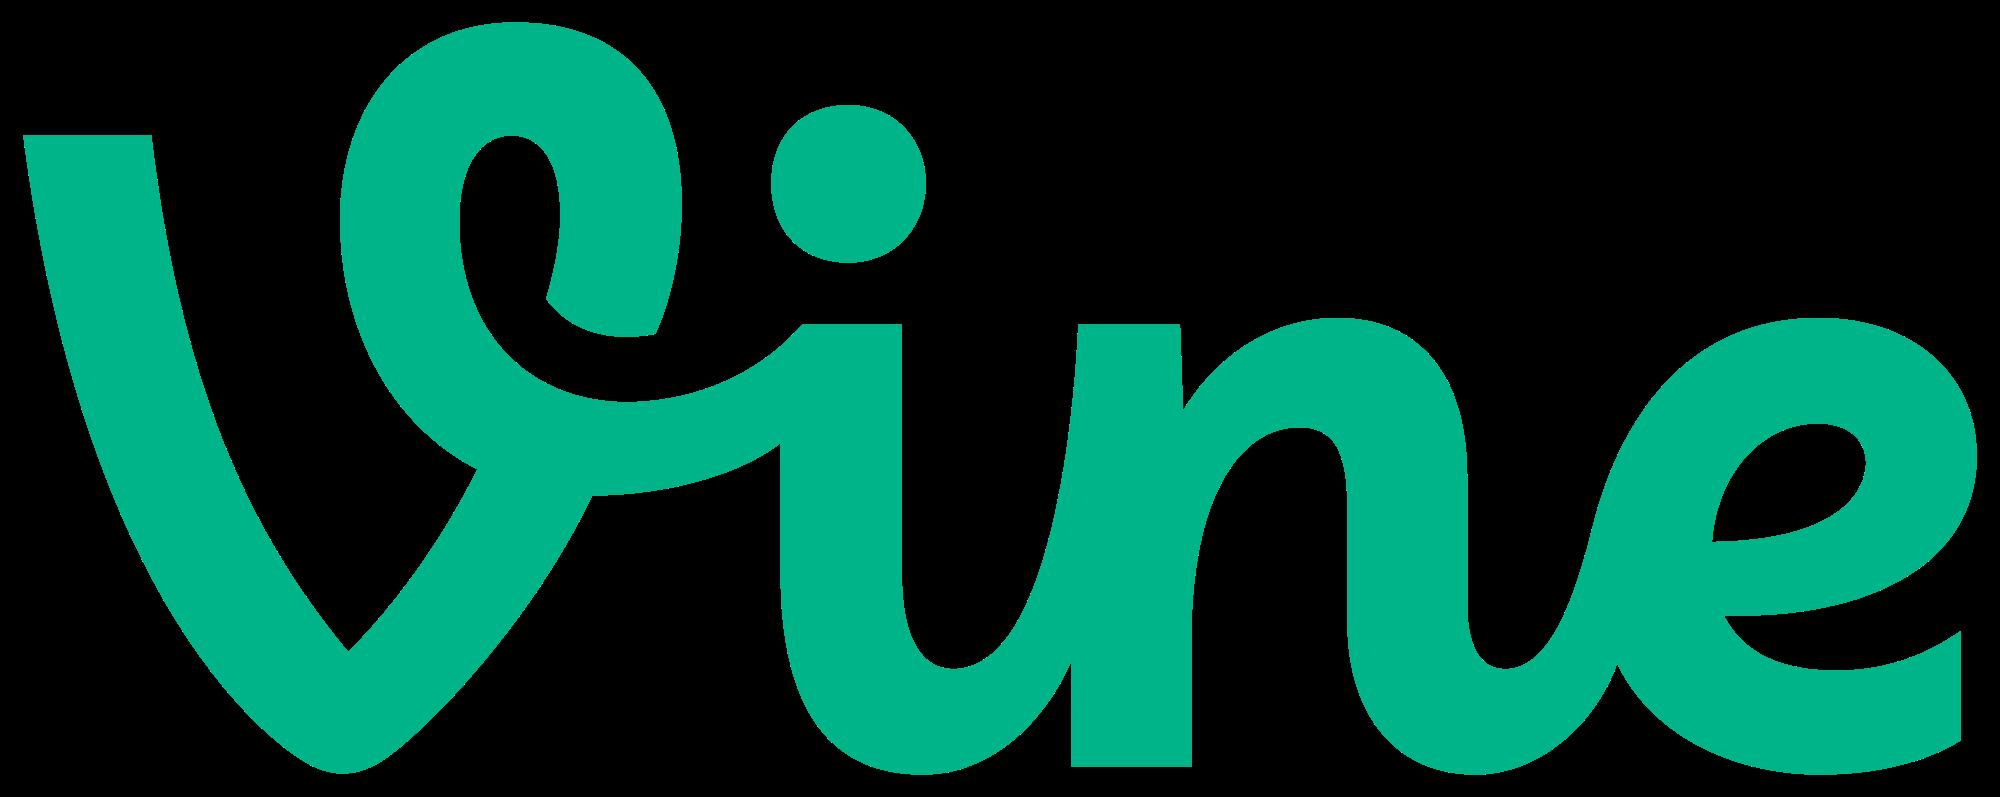 Vine Logo transparent PNG.